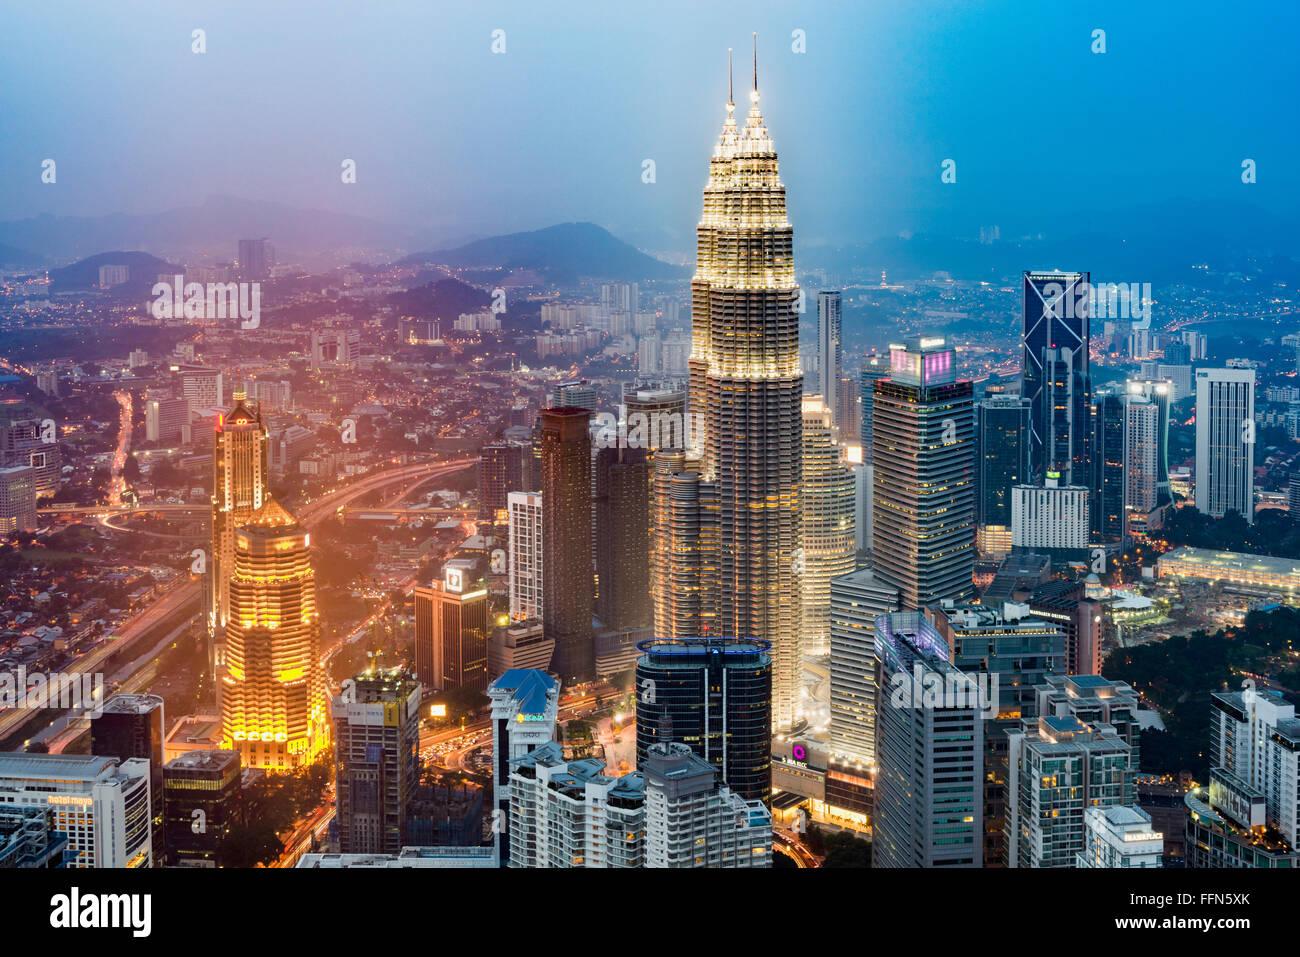 Vista aerea della città di Kuala Lumpur con le Torri Petronas, Malaysia, sud-est asiatico di notte Immagini Stock